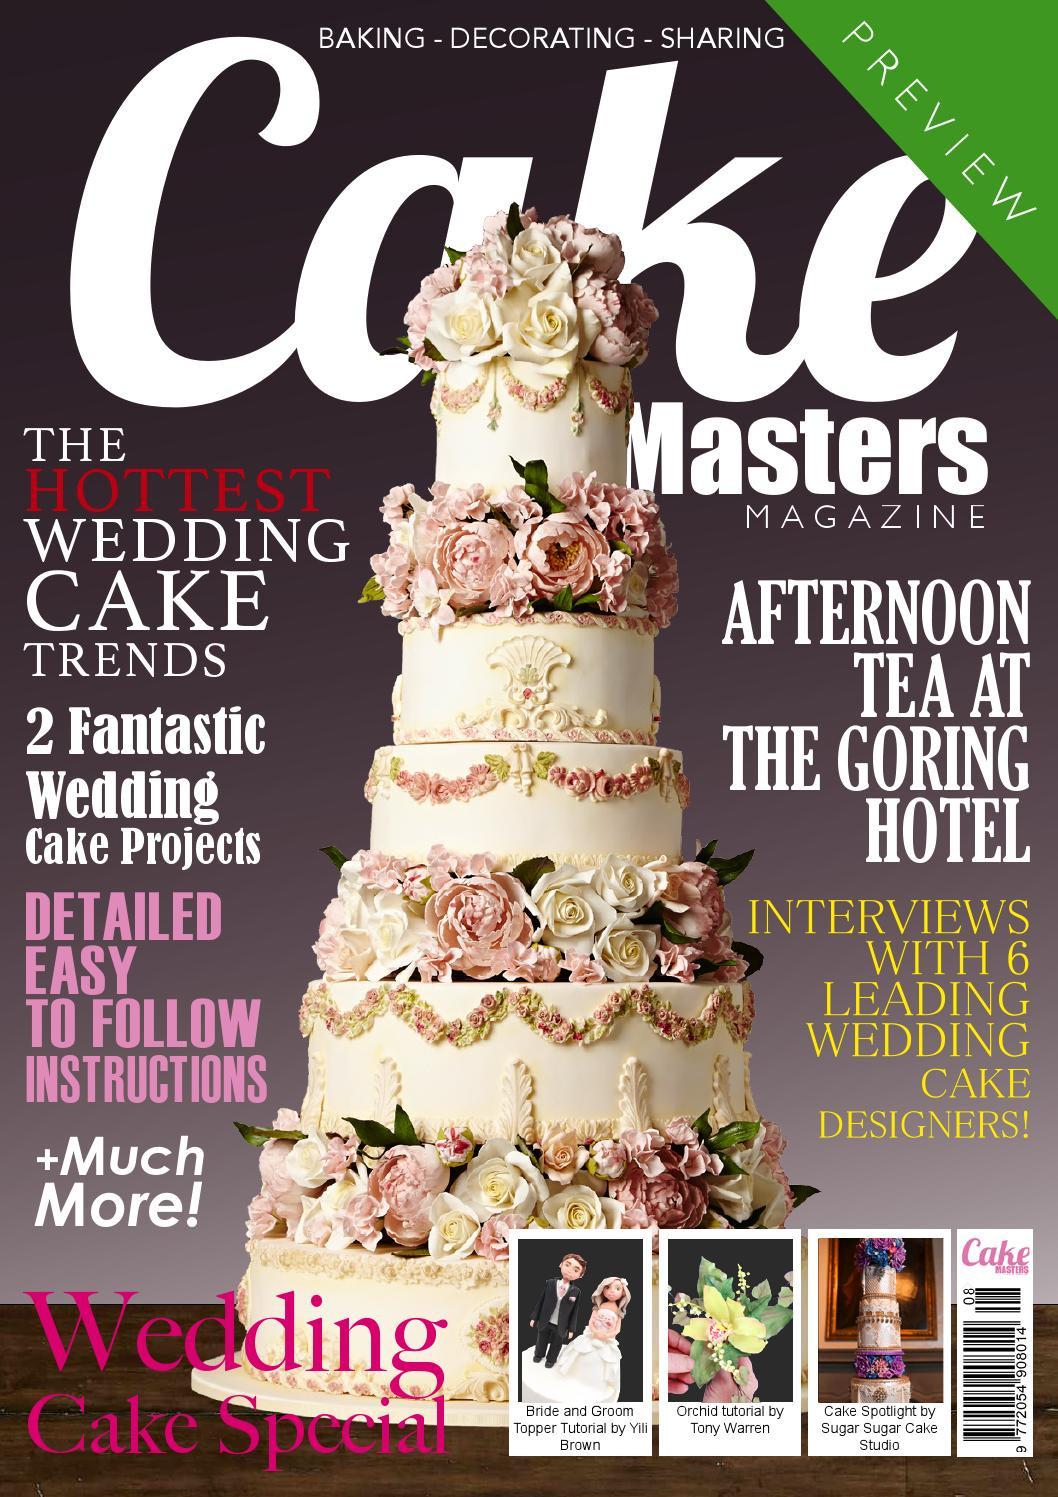 Wedding Cakes Magazines  Cake Masters Magazine August 2014 by Cake Masters Issuu